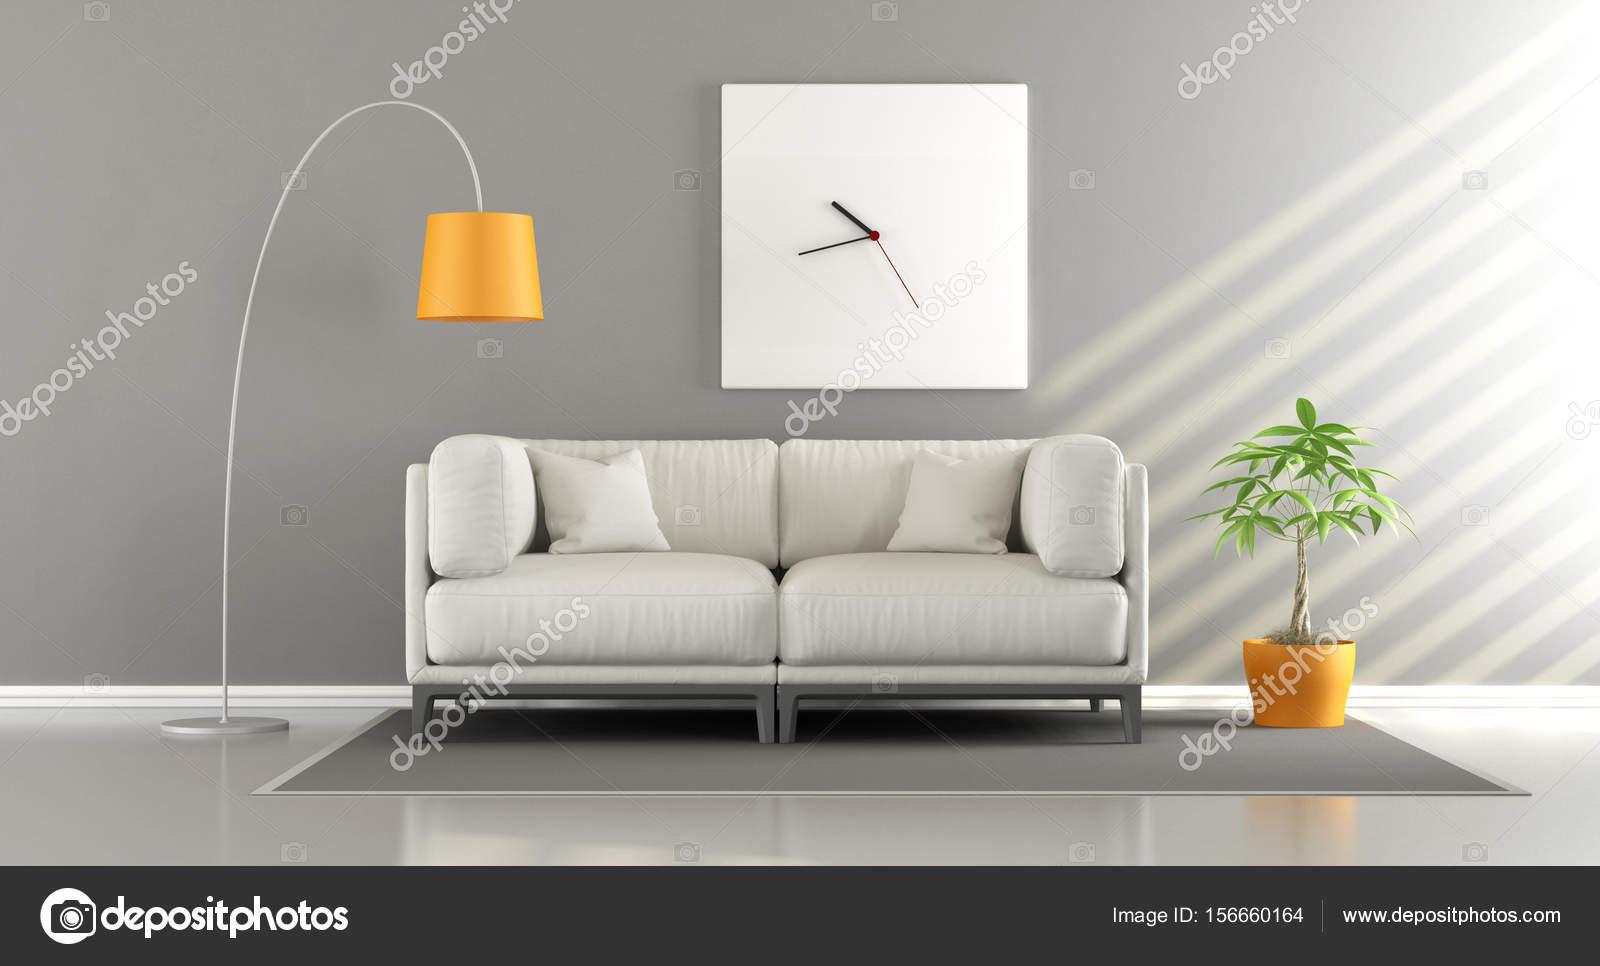 modernes Zimmer mit sofa — Stockfoto © archideaphoto #156660164